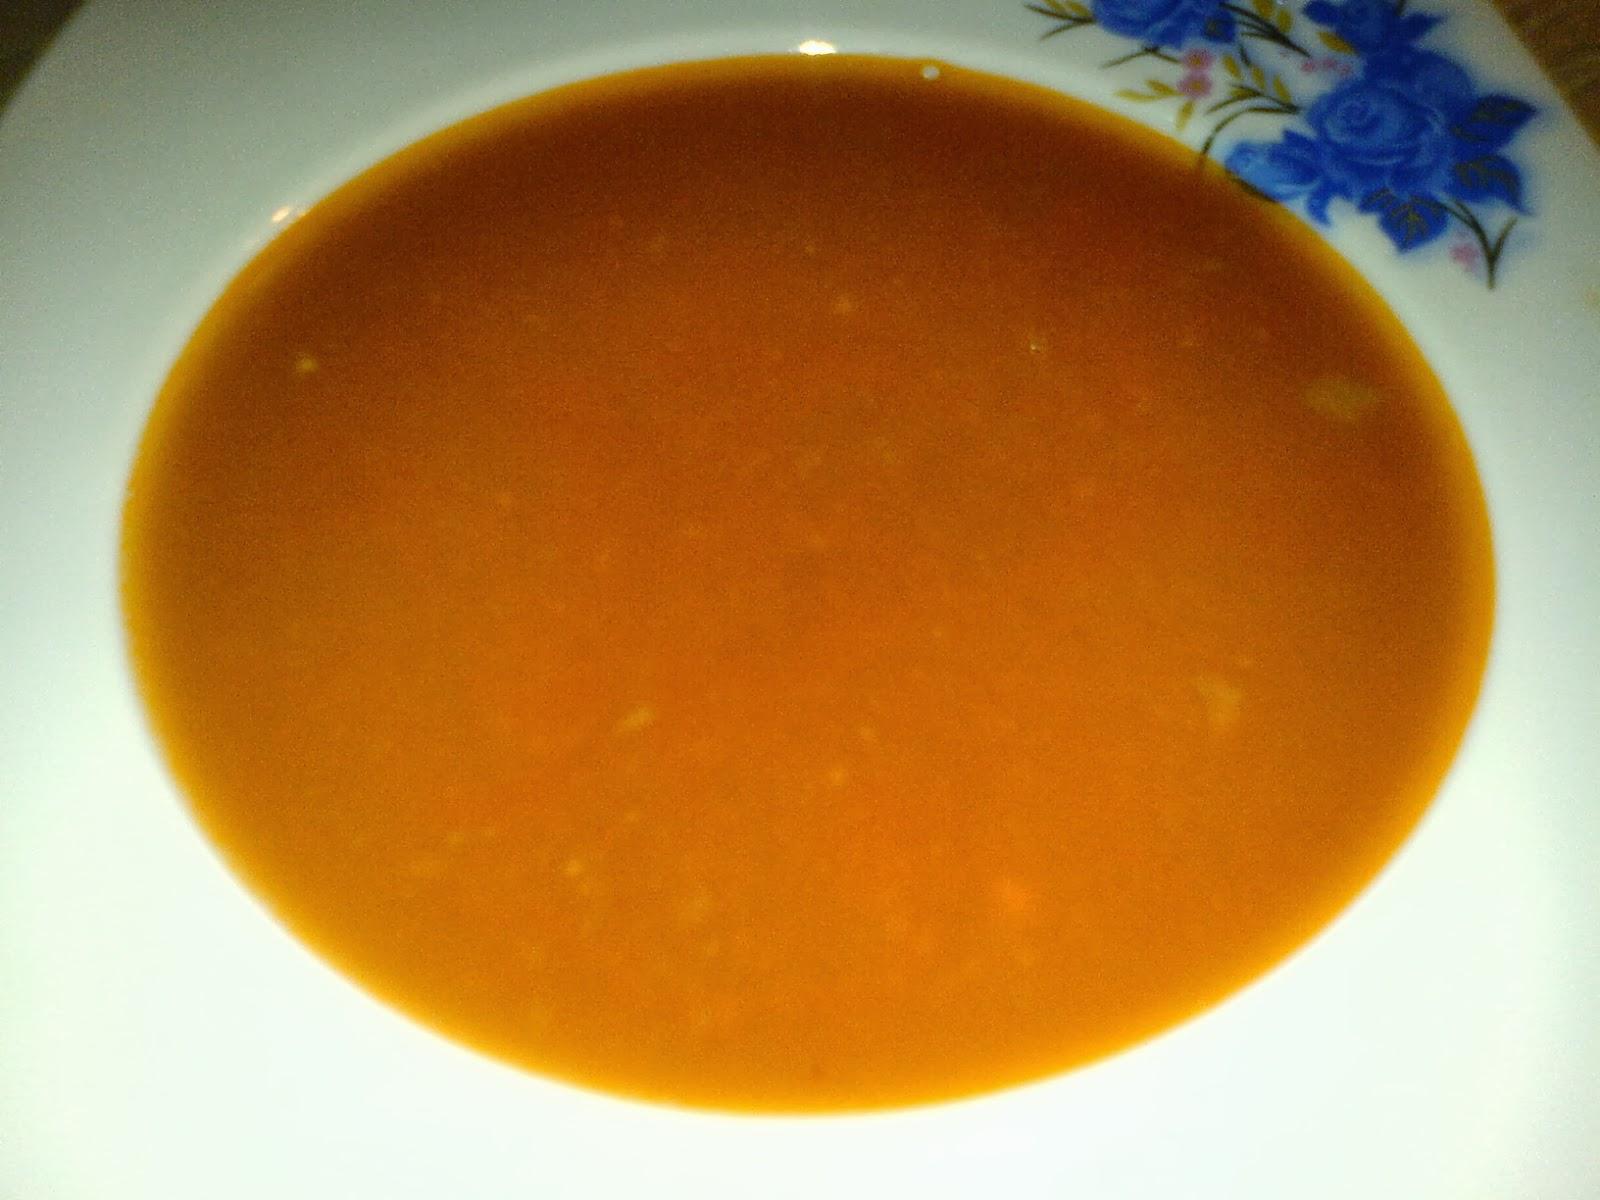 retete culinare de post, supa de fasole, retete culinare, retete de mancare, mancaruri de post